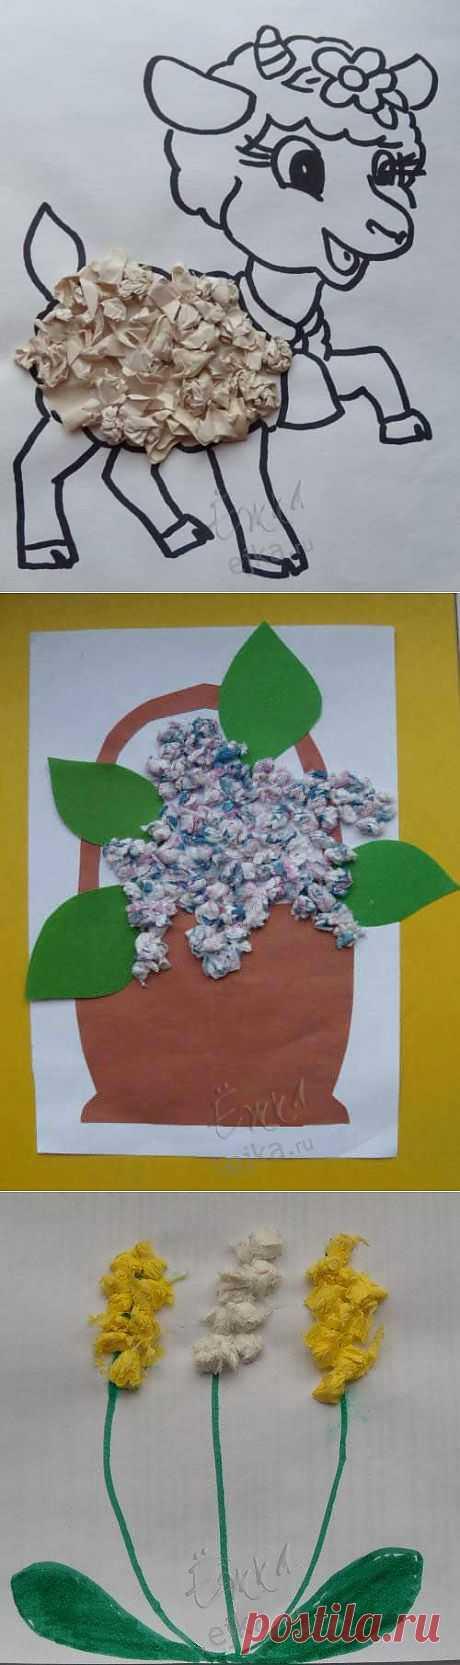 Идеи для детского творчества - нетрадиционная техника - объемные аппликации из цветной бумаги, из салфеток, крупы, стружек, ваты / Детское творчество в детском саду: аппликации и поделки из цветной бумаги, картона для детей / Ёжка - стихи, загадки, творчество и уроки рисования для детей